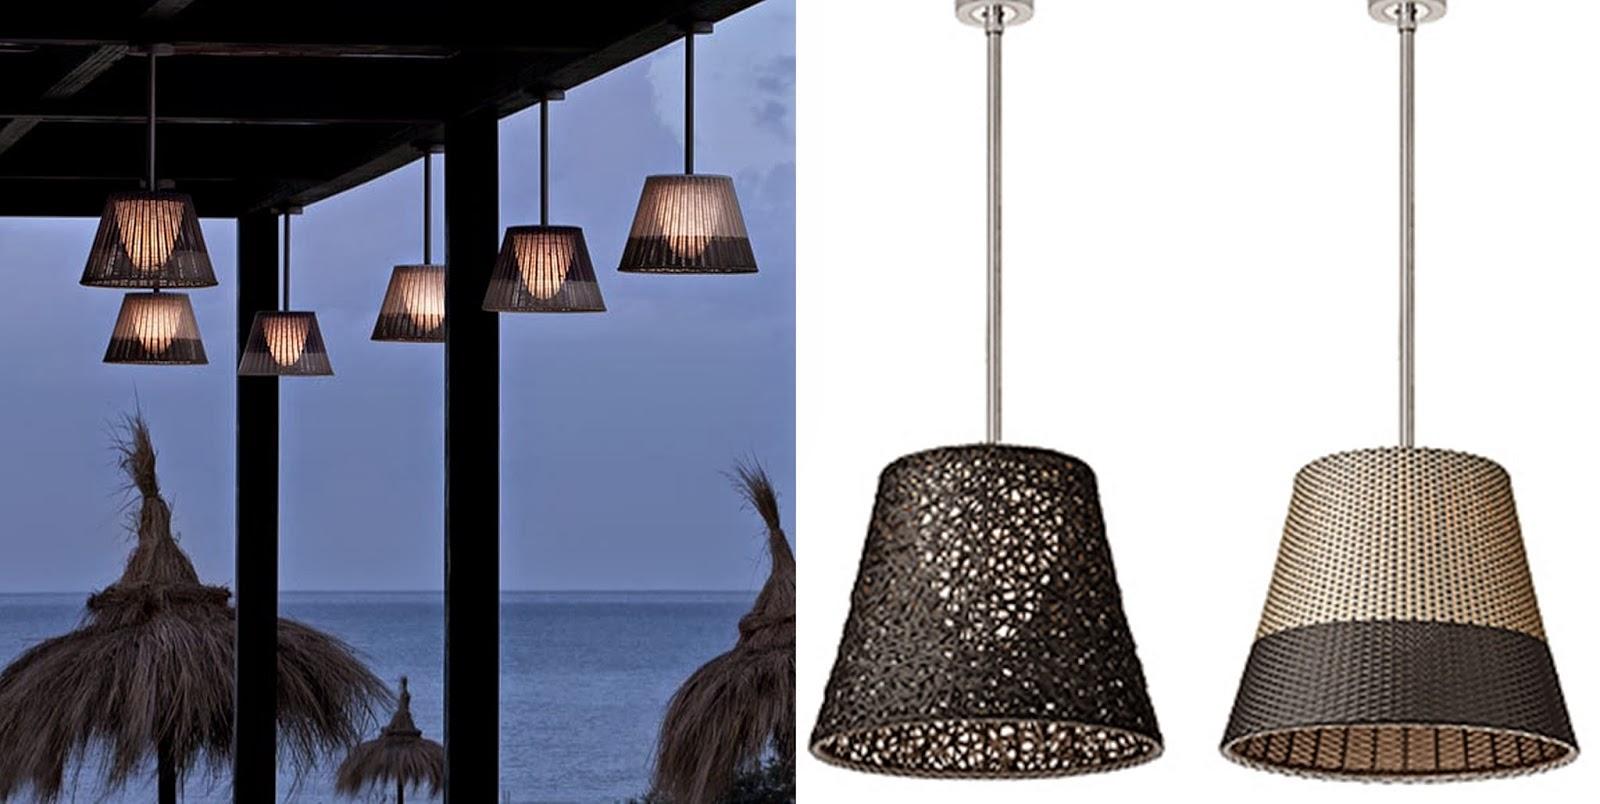 Illuminazione Ufficio Ikea : Tende per ufficio ikea amazing idee arredamento casa idee ufficio